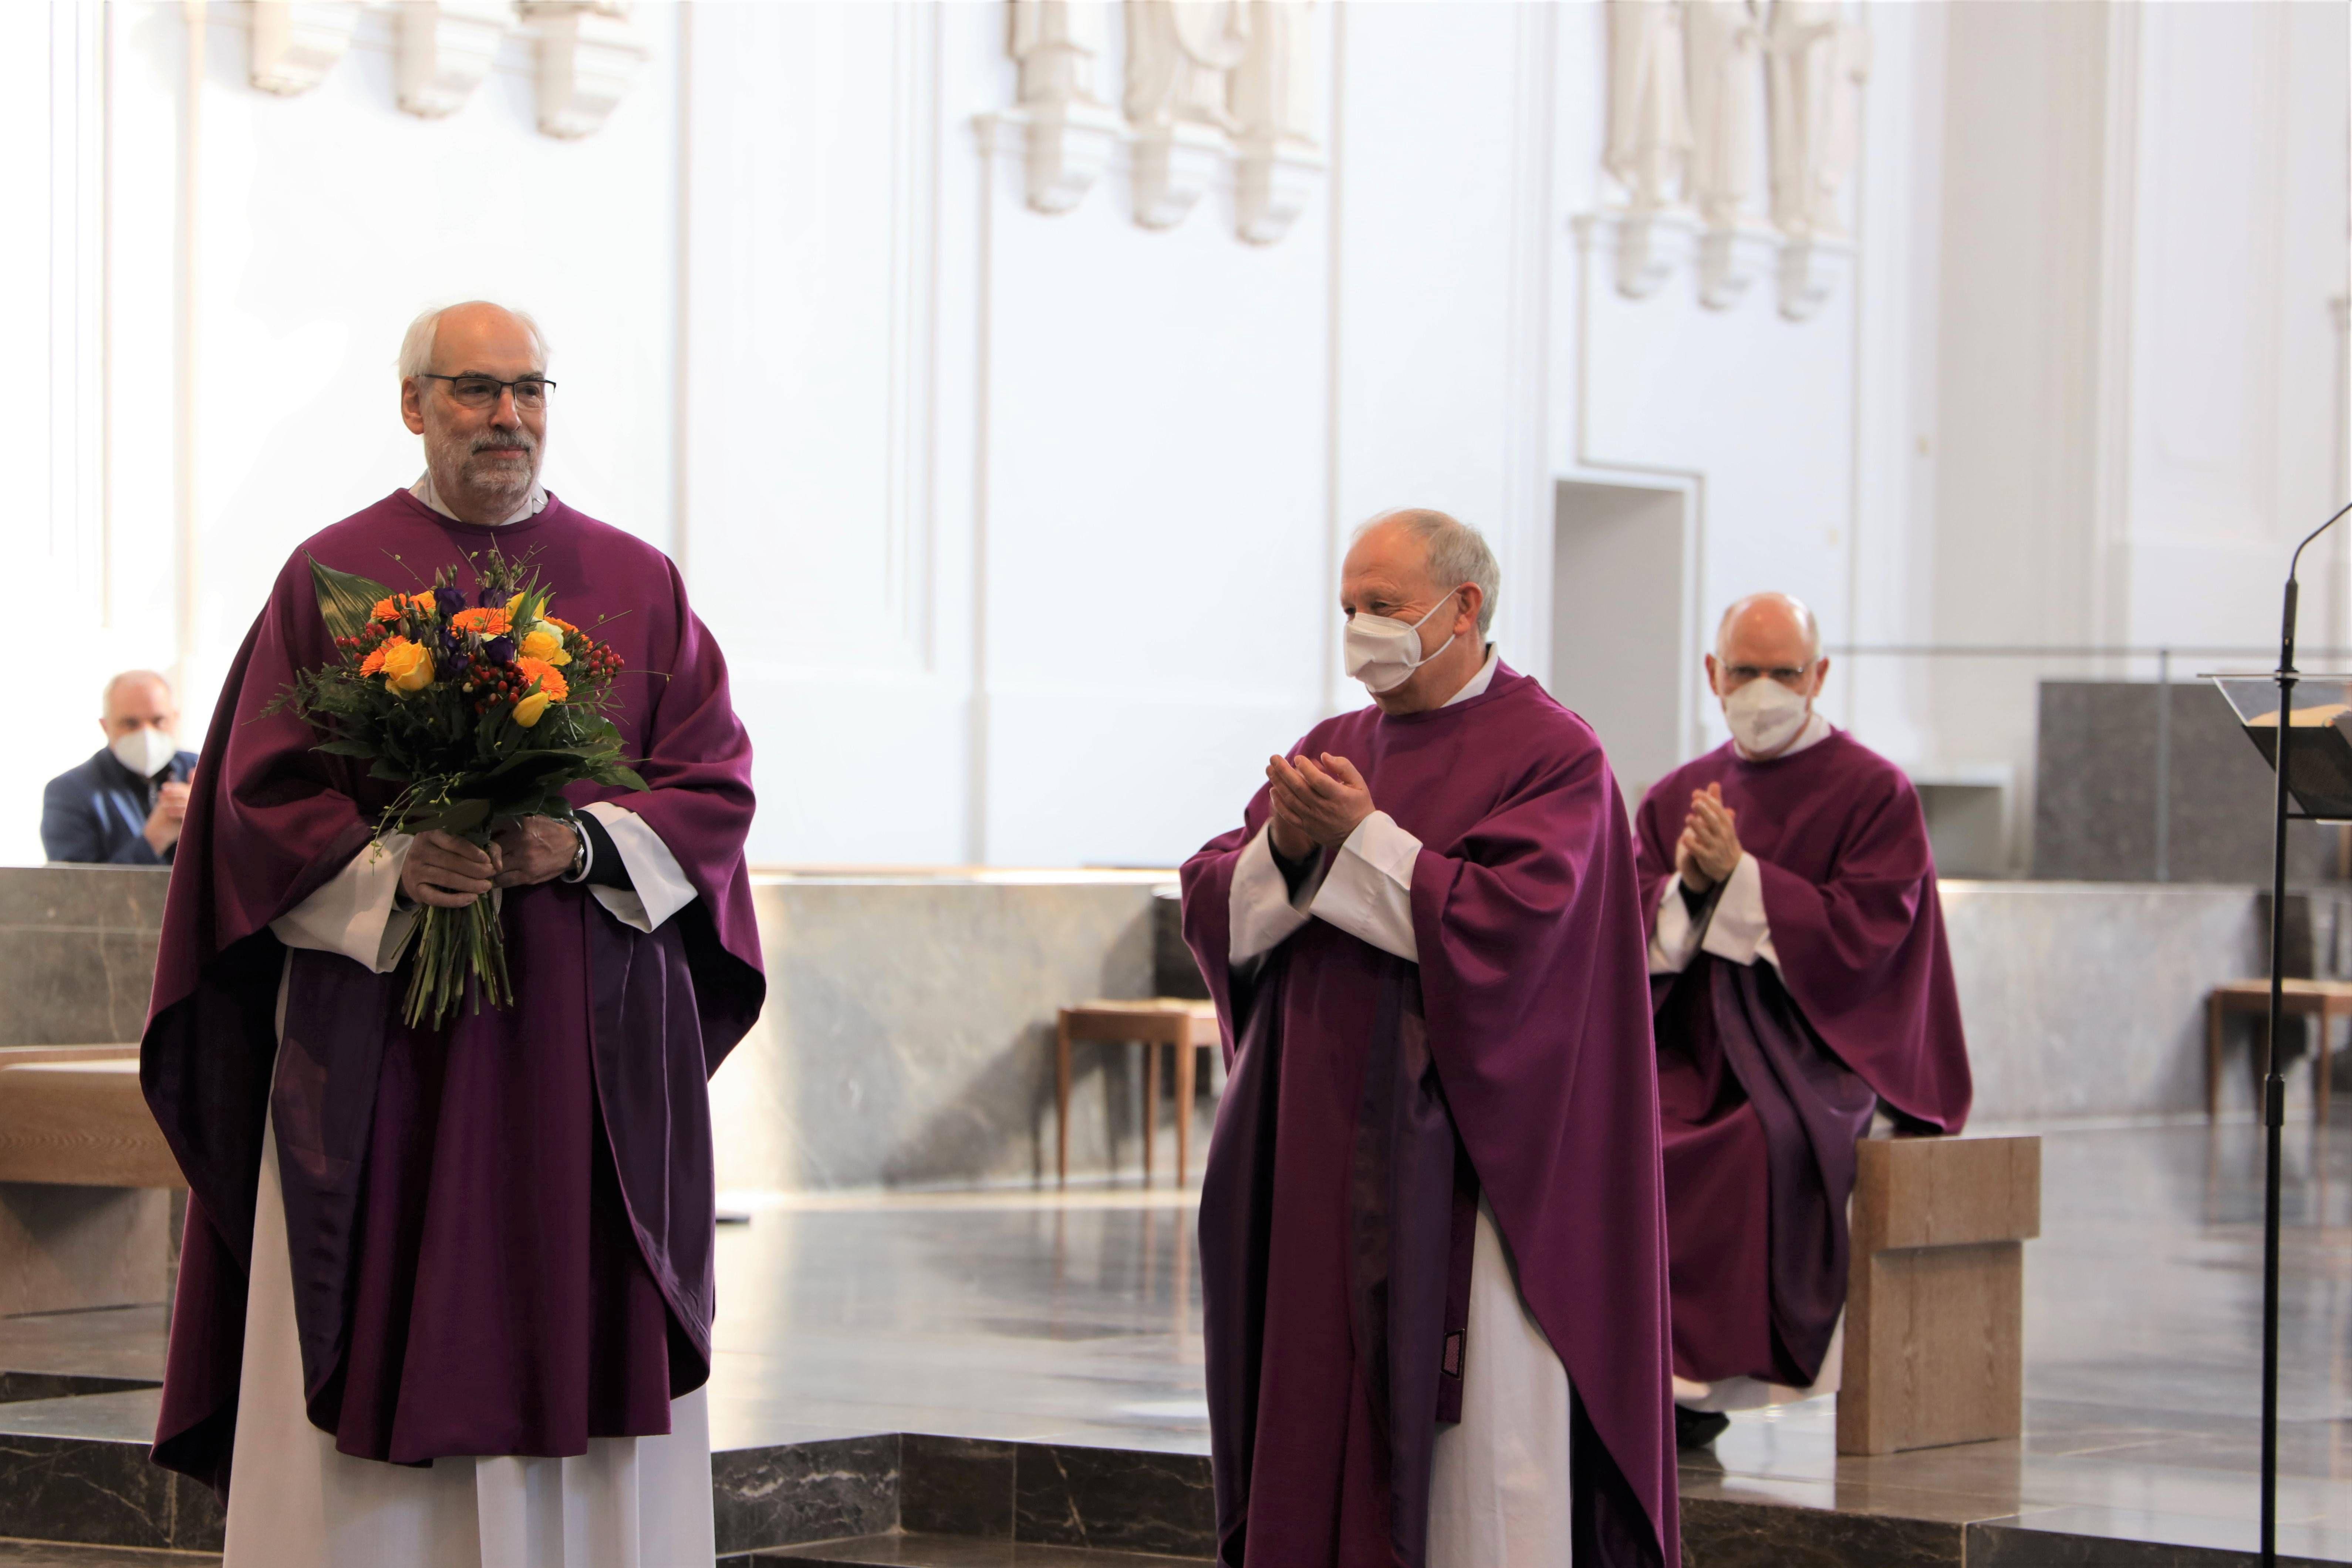 Bei einem Gottesdienst im Würzburger Kiliansdom ist Domkapitular Christoph Warmuth (links) am Freitag, 26. März, als stellvertretender Leiter der Hauptabteilung Seelsorge verabschiedet worden.  Domkapitular Albin Krämer (2. von links) würdigte Warmuths vielfältige Verdienste.